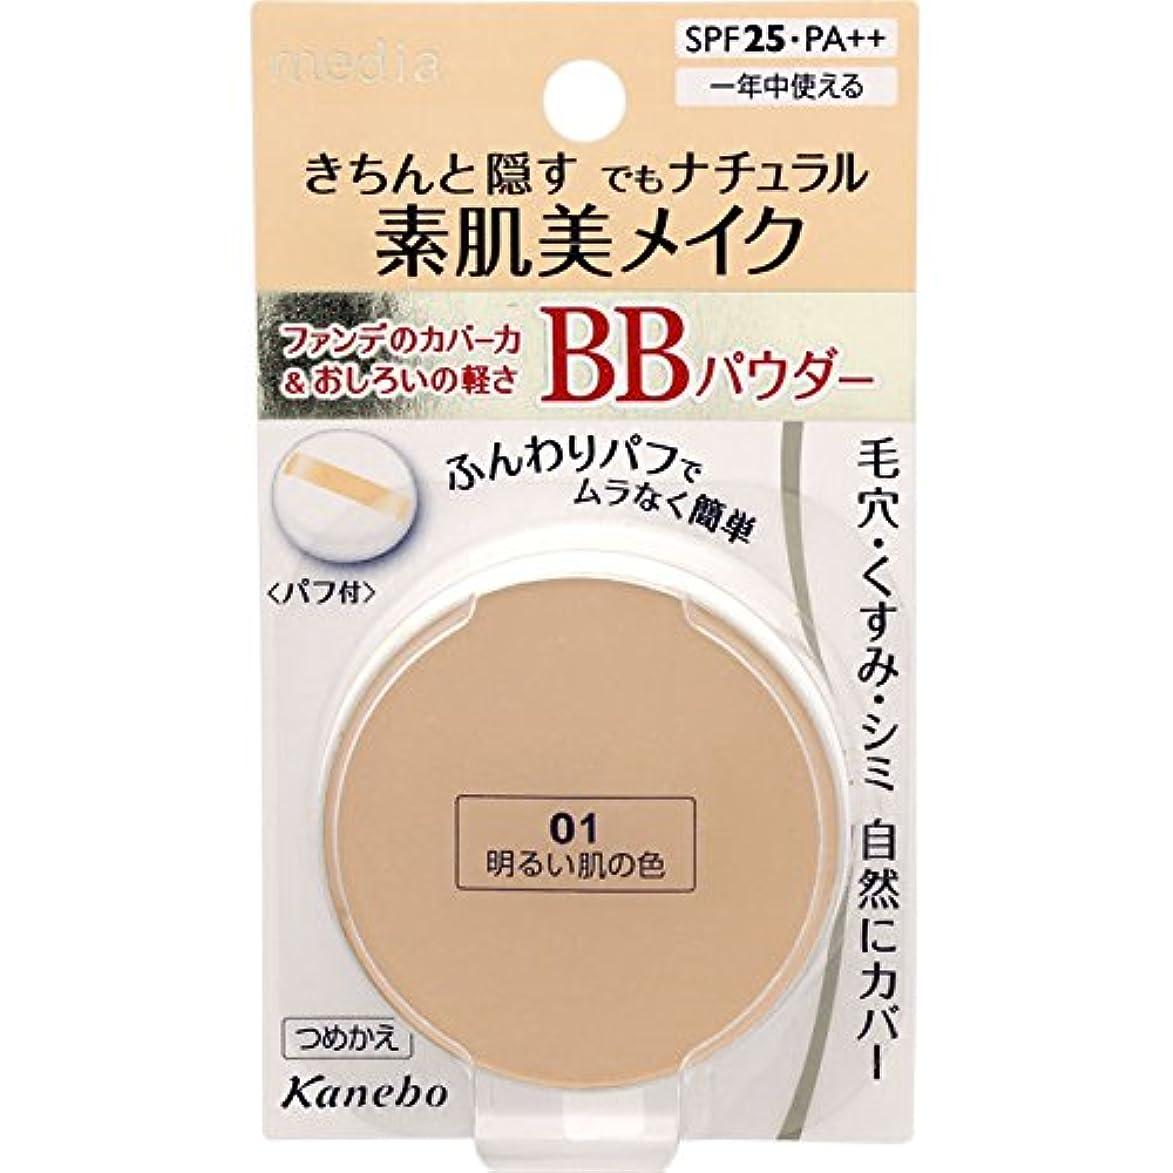 土器ボーナスかわいらしいメディアBBパウダー01(明るい肌の色)×3